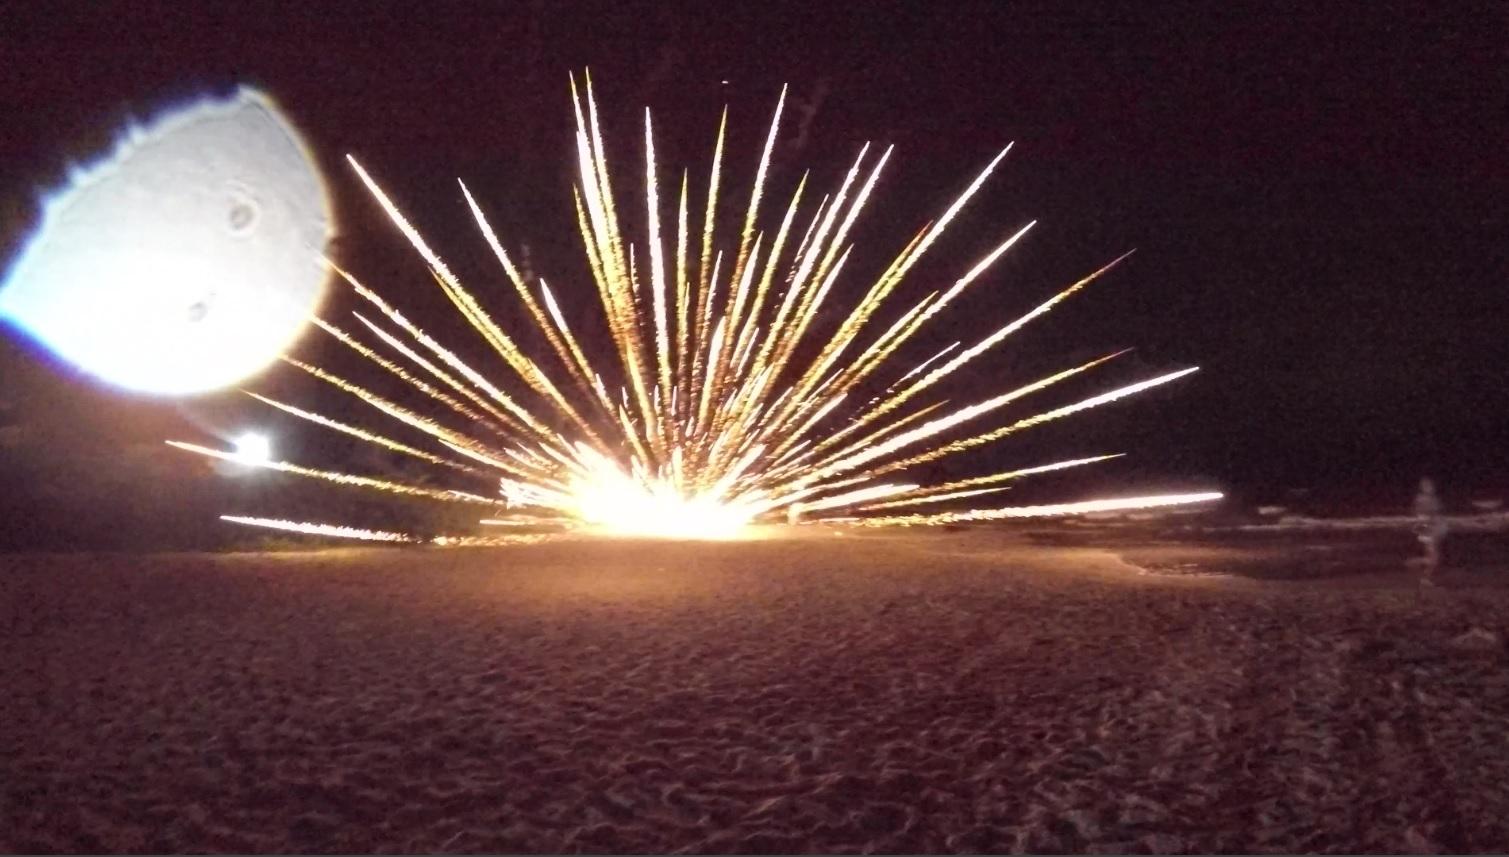 Bateria de fogos de artifício estoura antes da hora e fere duas turistas argentinas na praia da Lagoinha, norte da Ilha de Santa Catarina